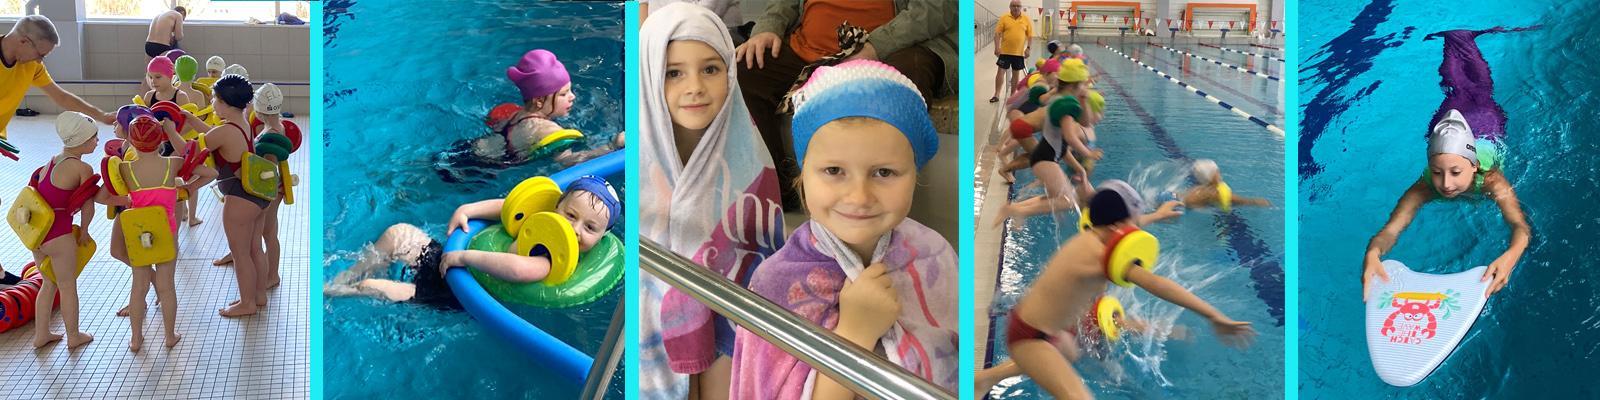 Schwimmschule macht Spaß